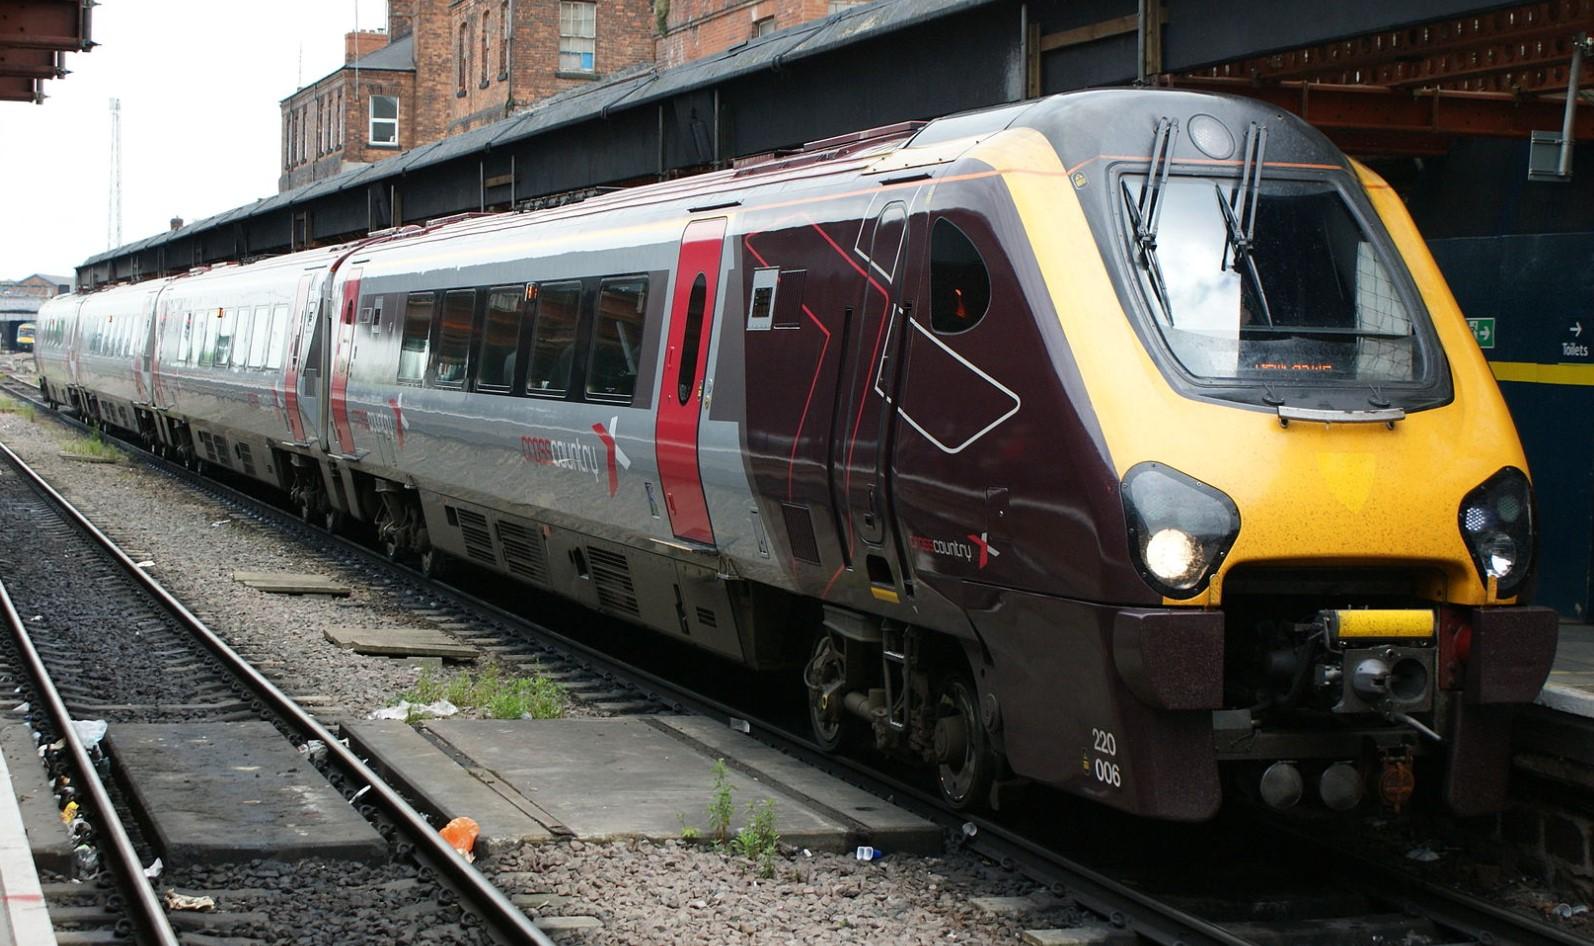 220006 at Derby in May 2008. ©Hugh Llewelyn